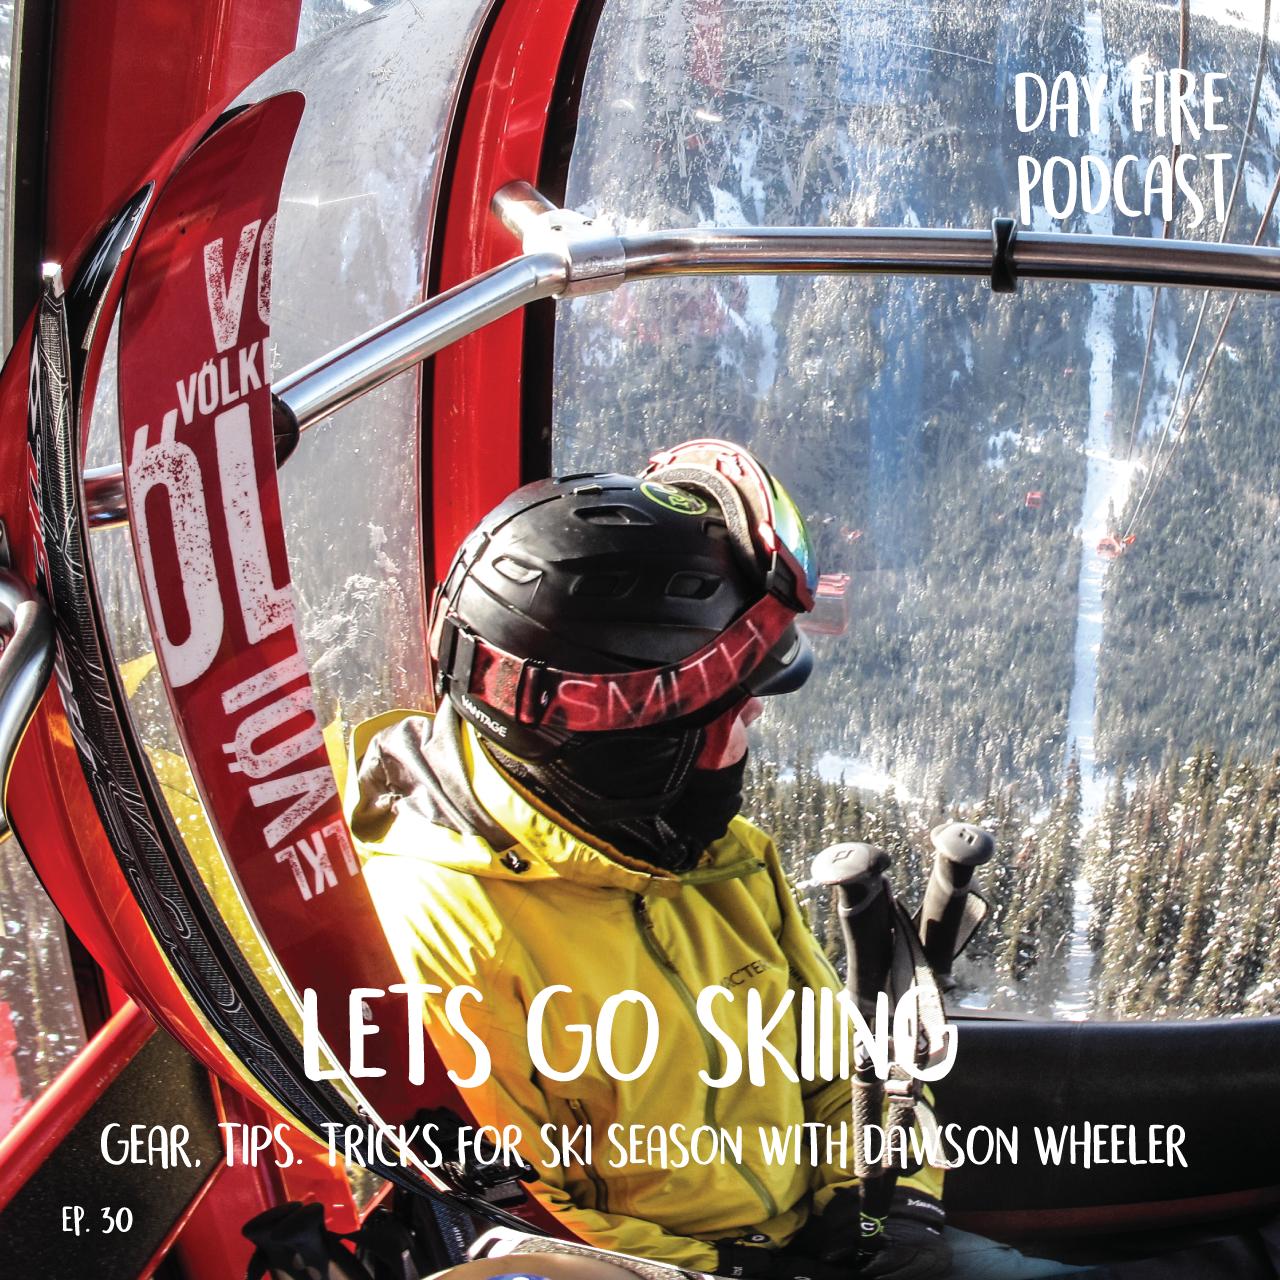 Lets_Ski_Tile_Day_Fire.png